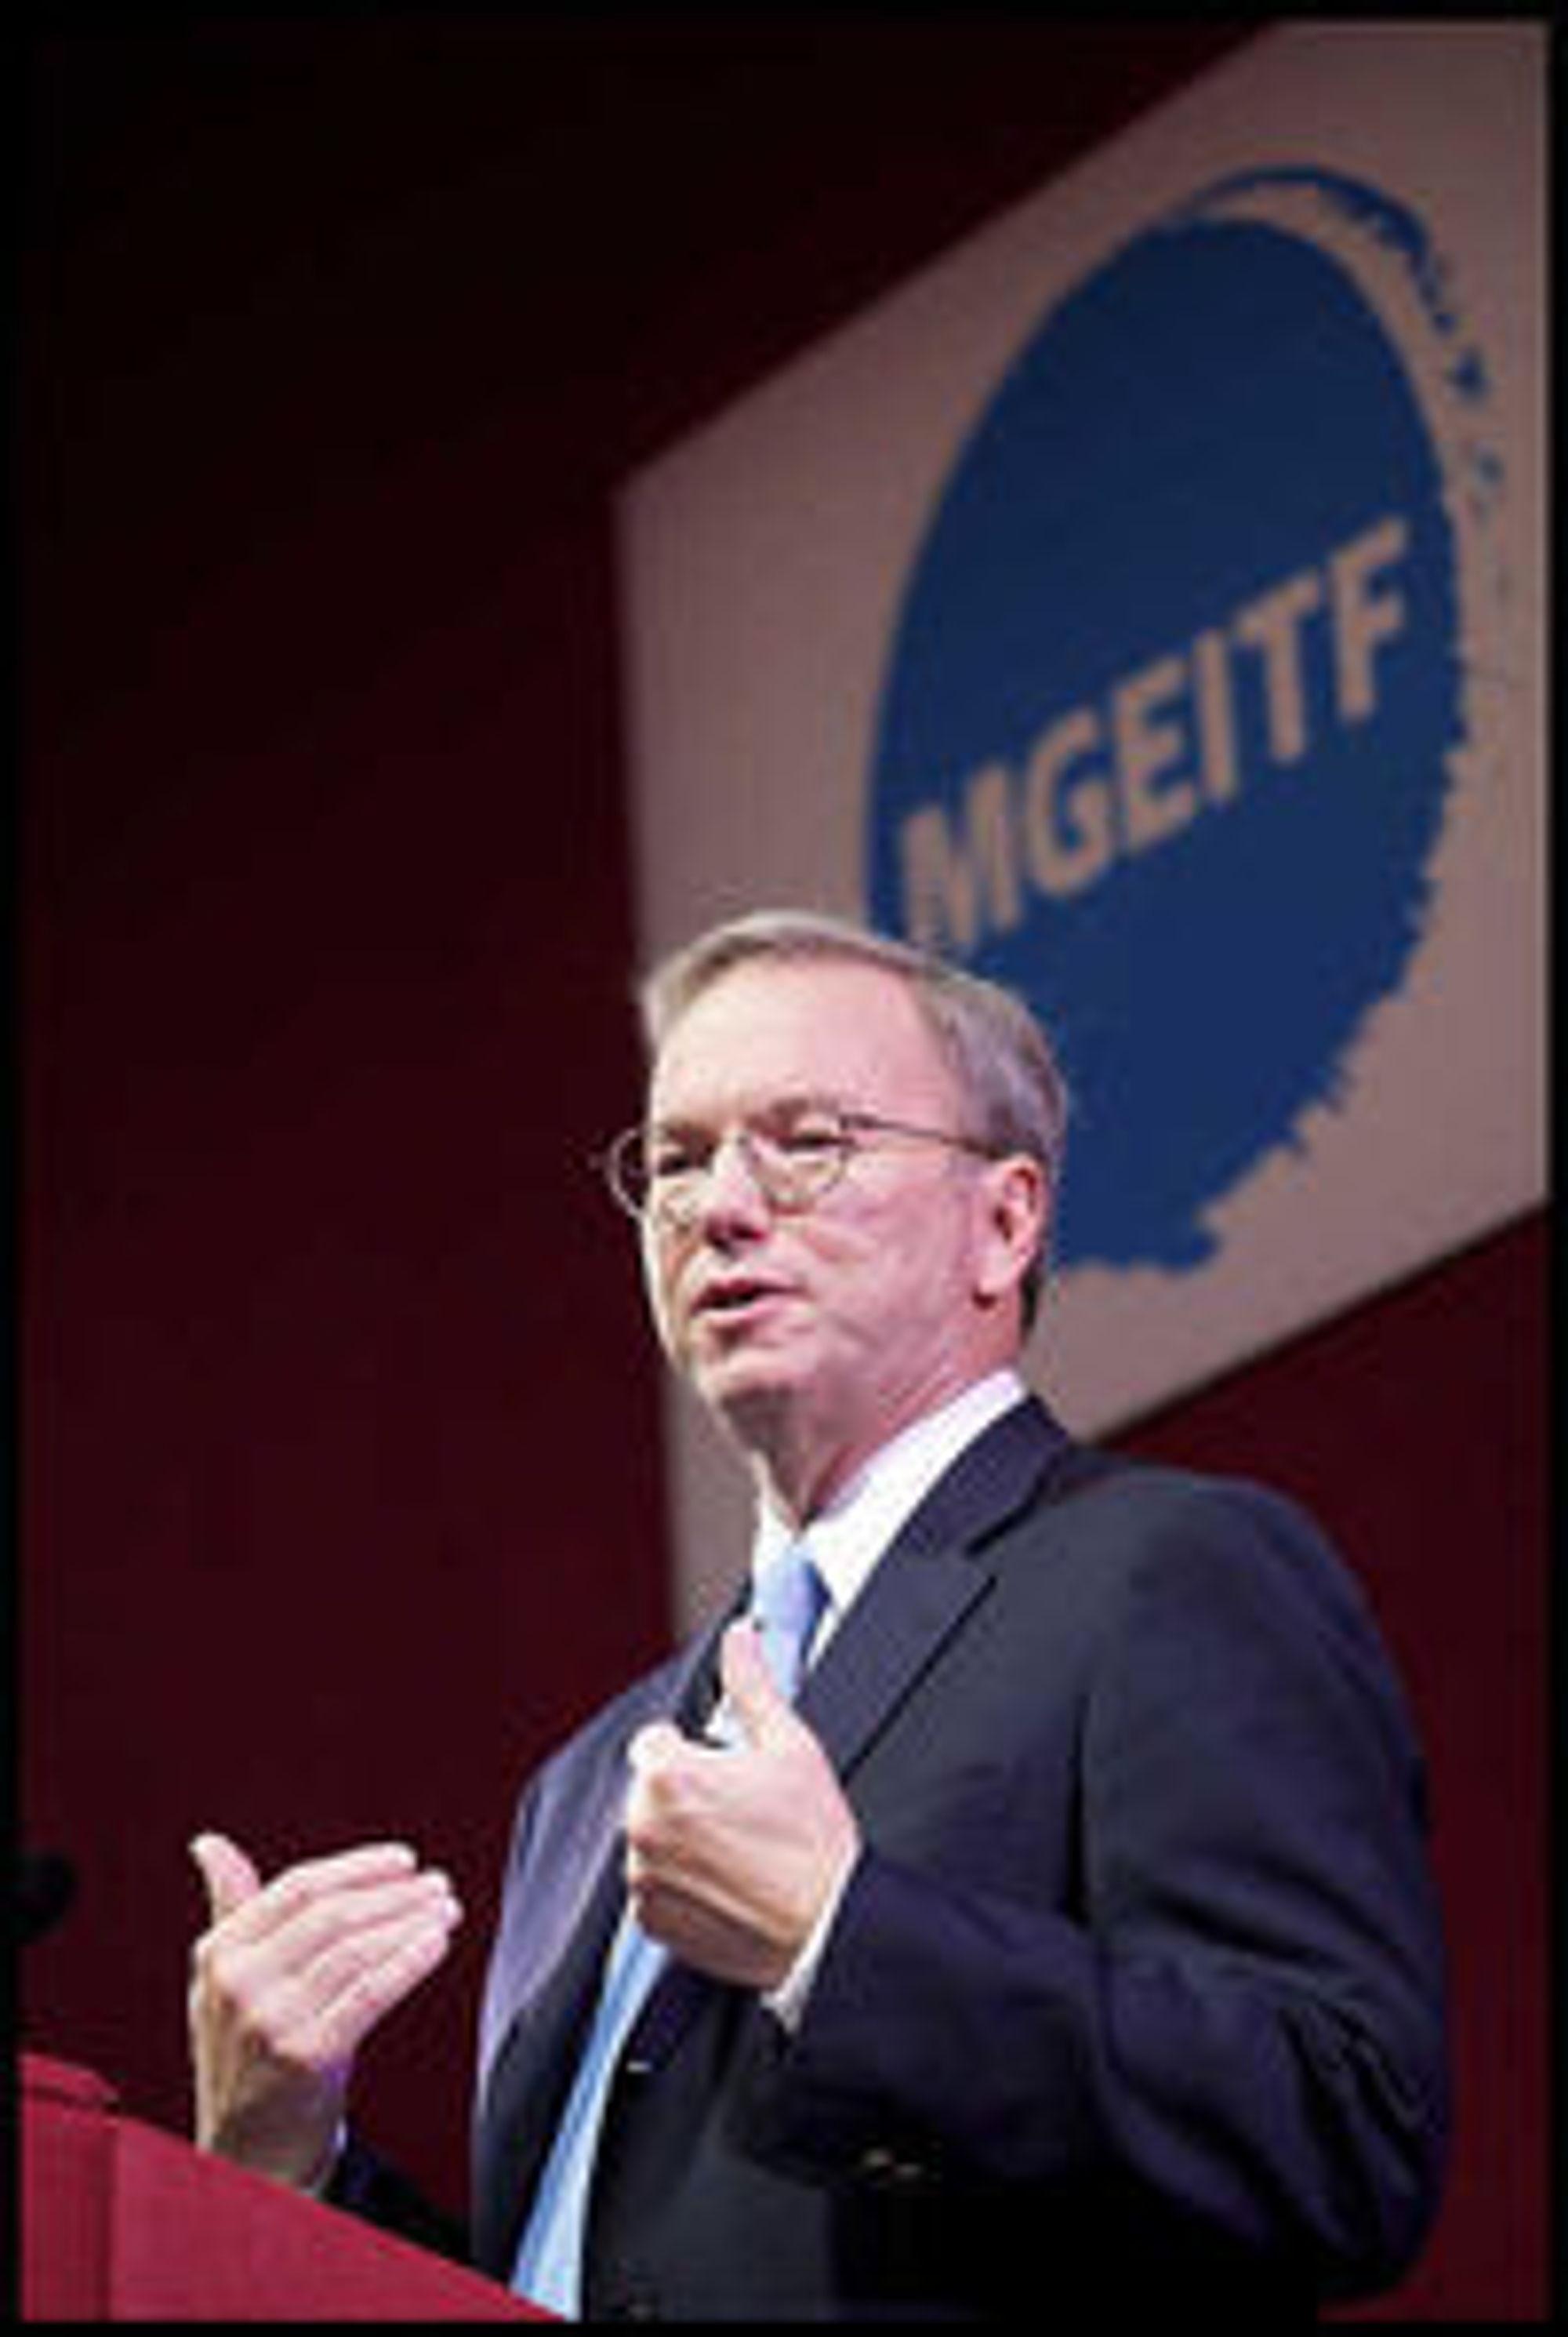 Styreformann i Google, Eric Schmidt, talte til deltakerne under MGEITF 2011.